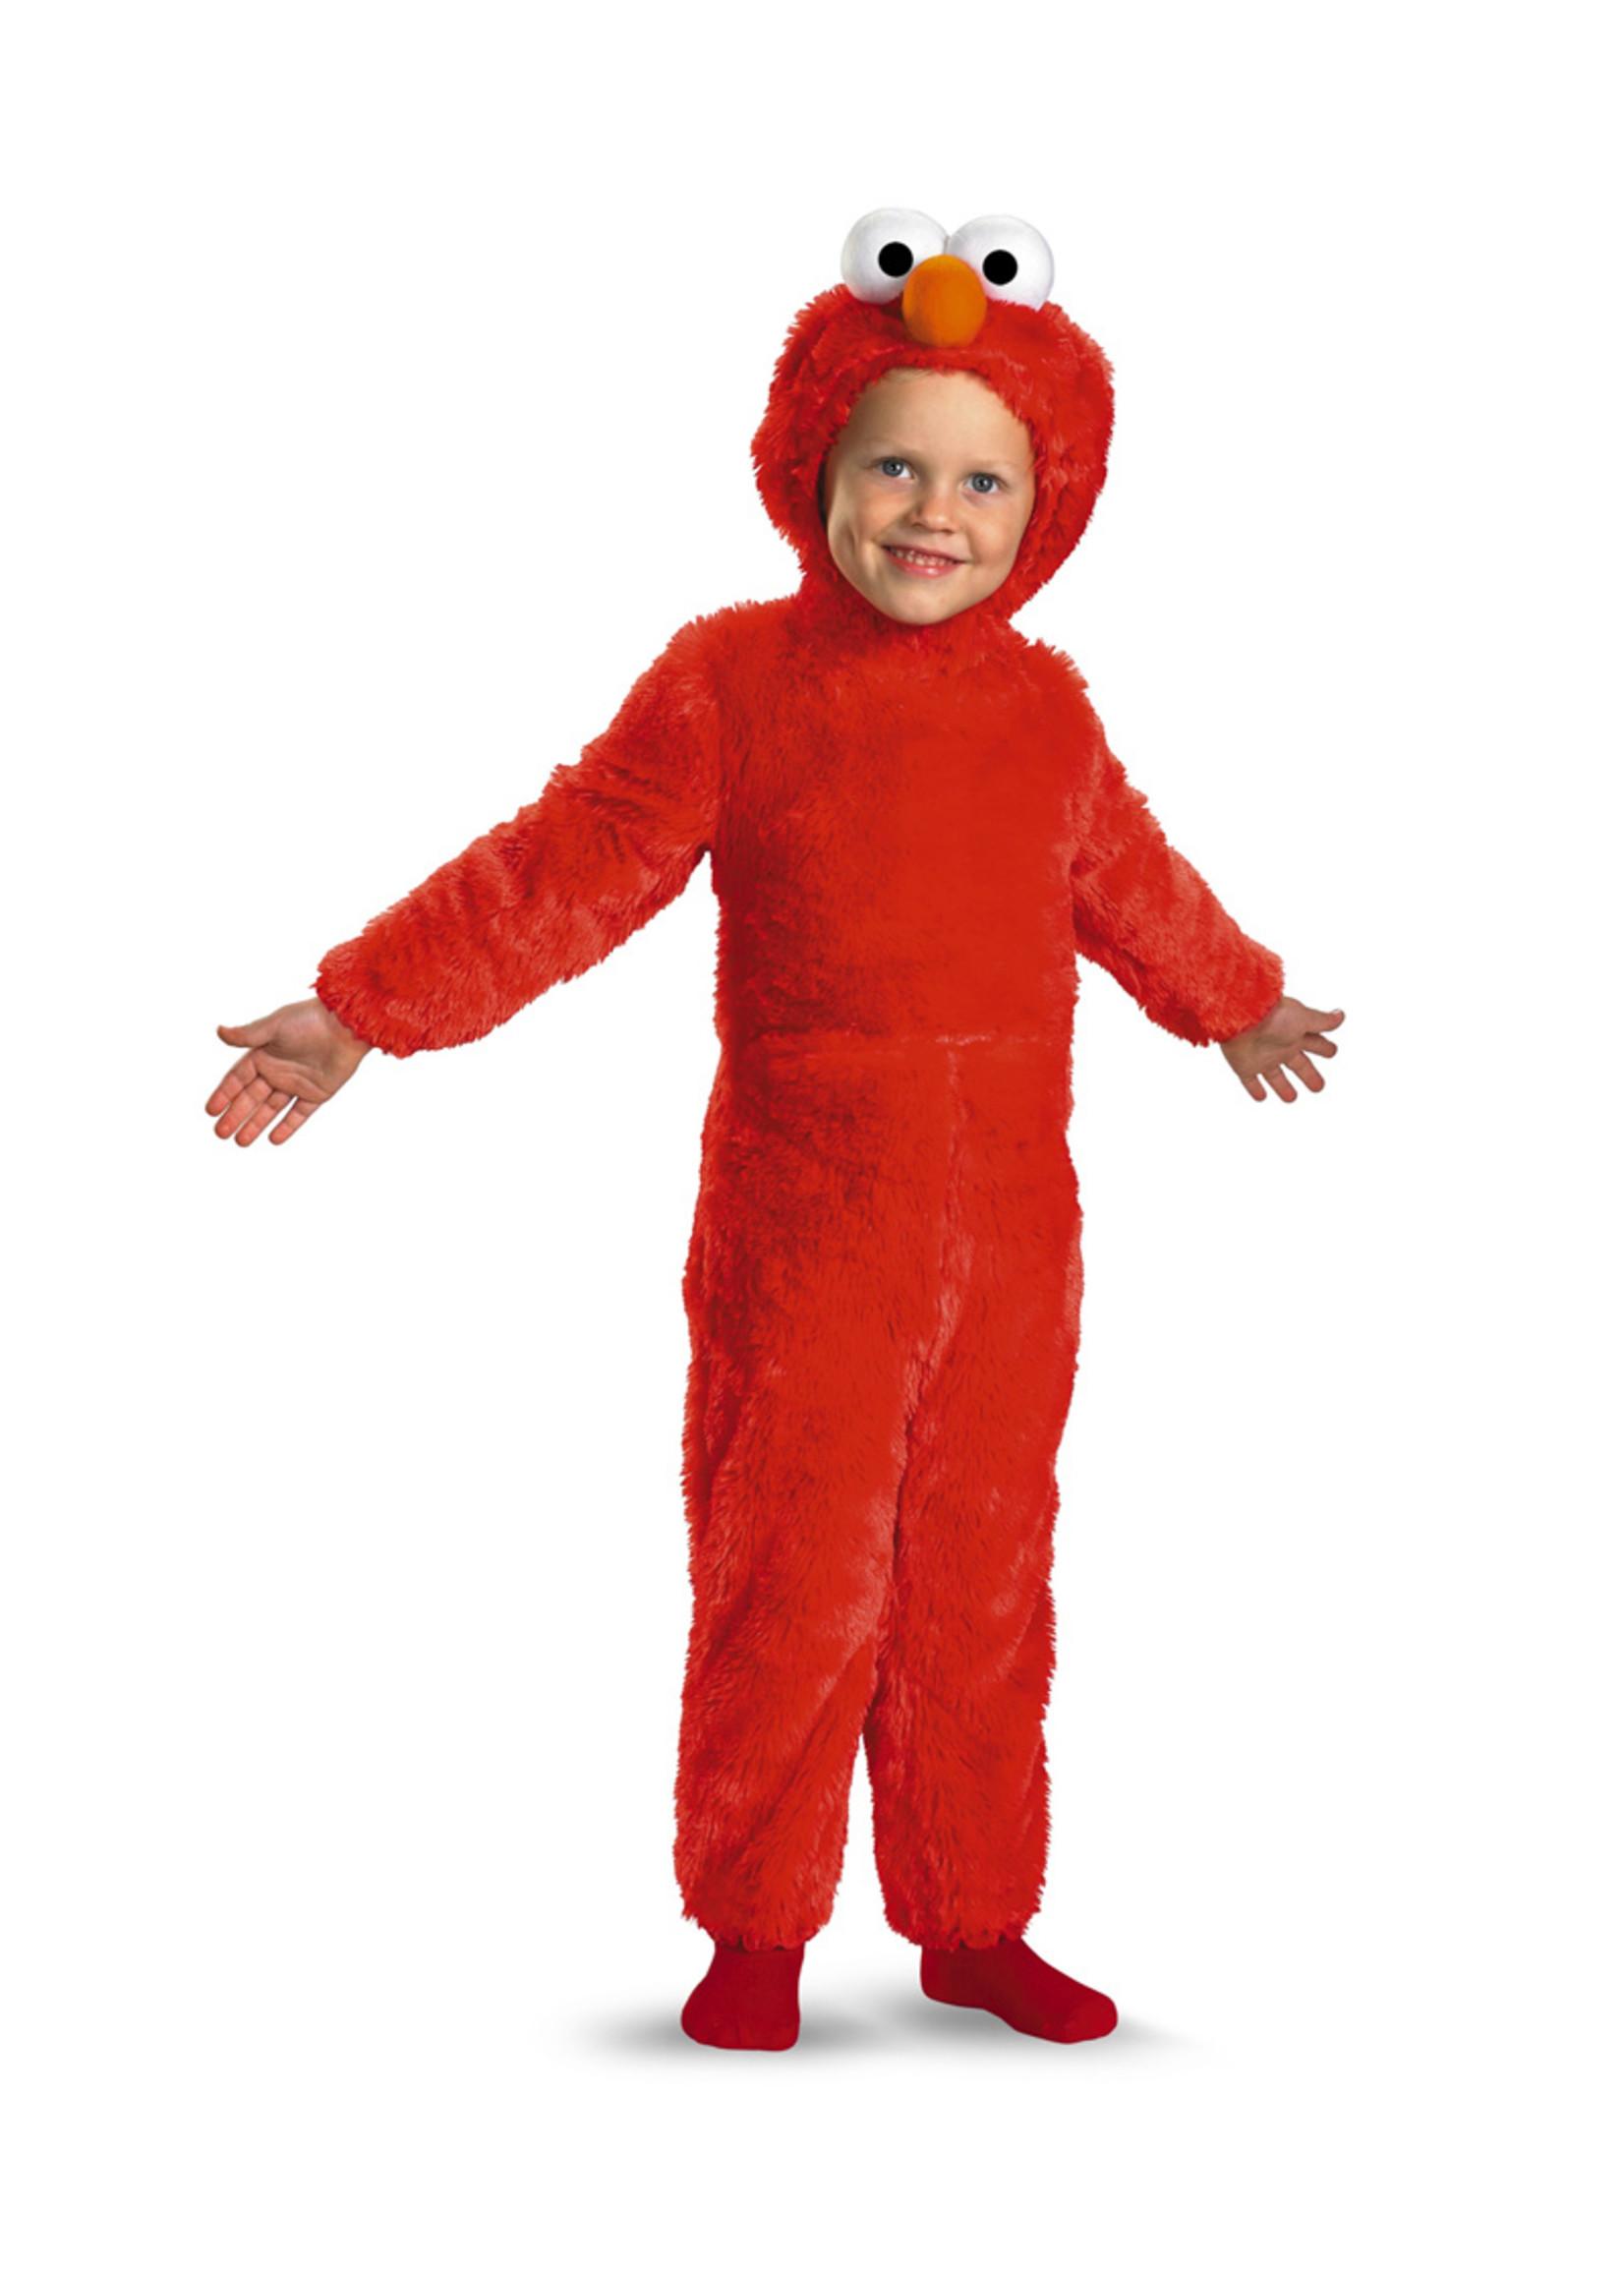 Elmo Costume - Toddler